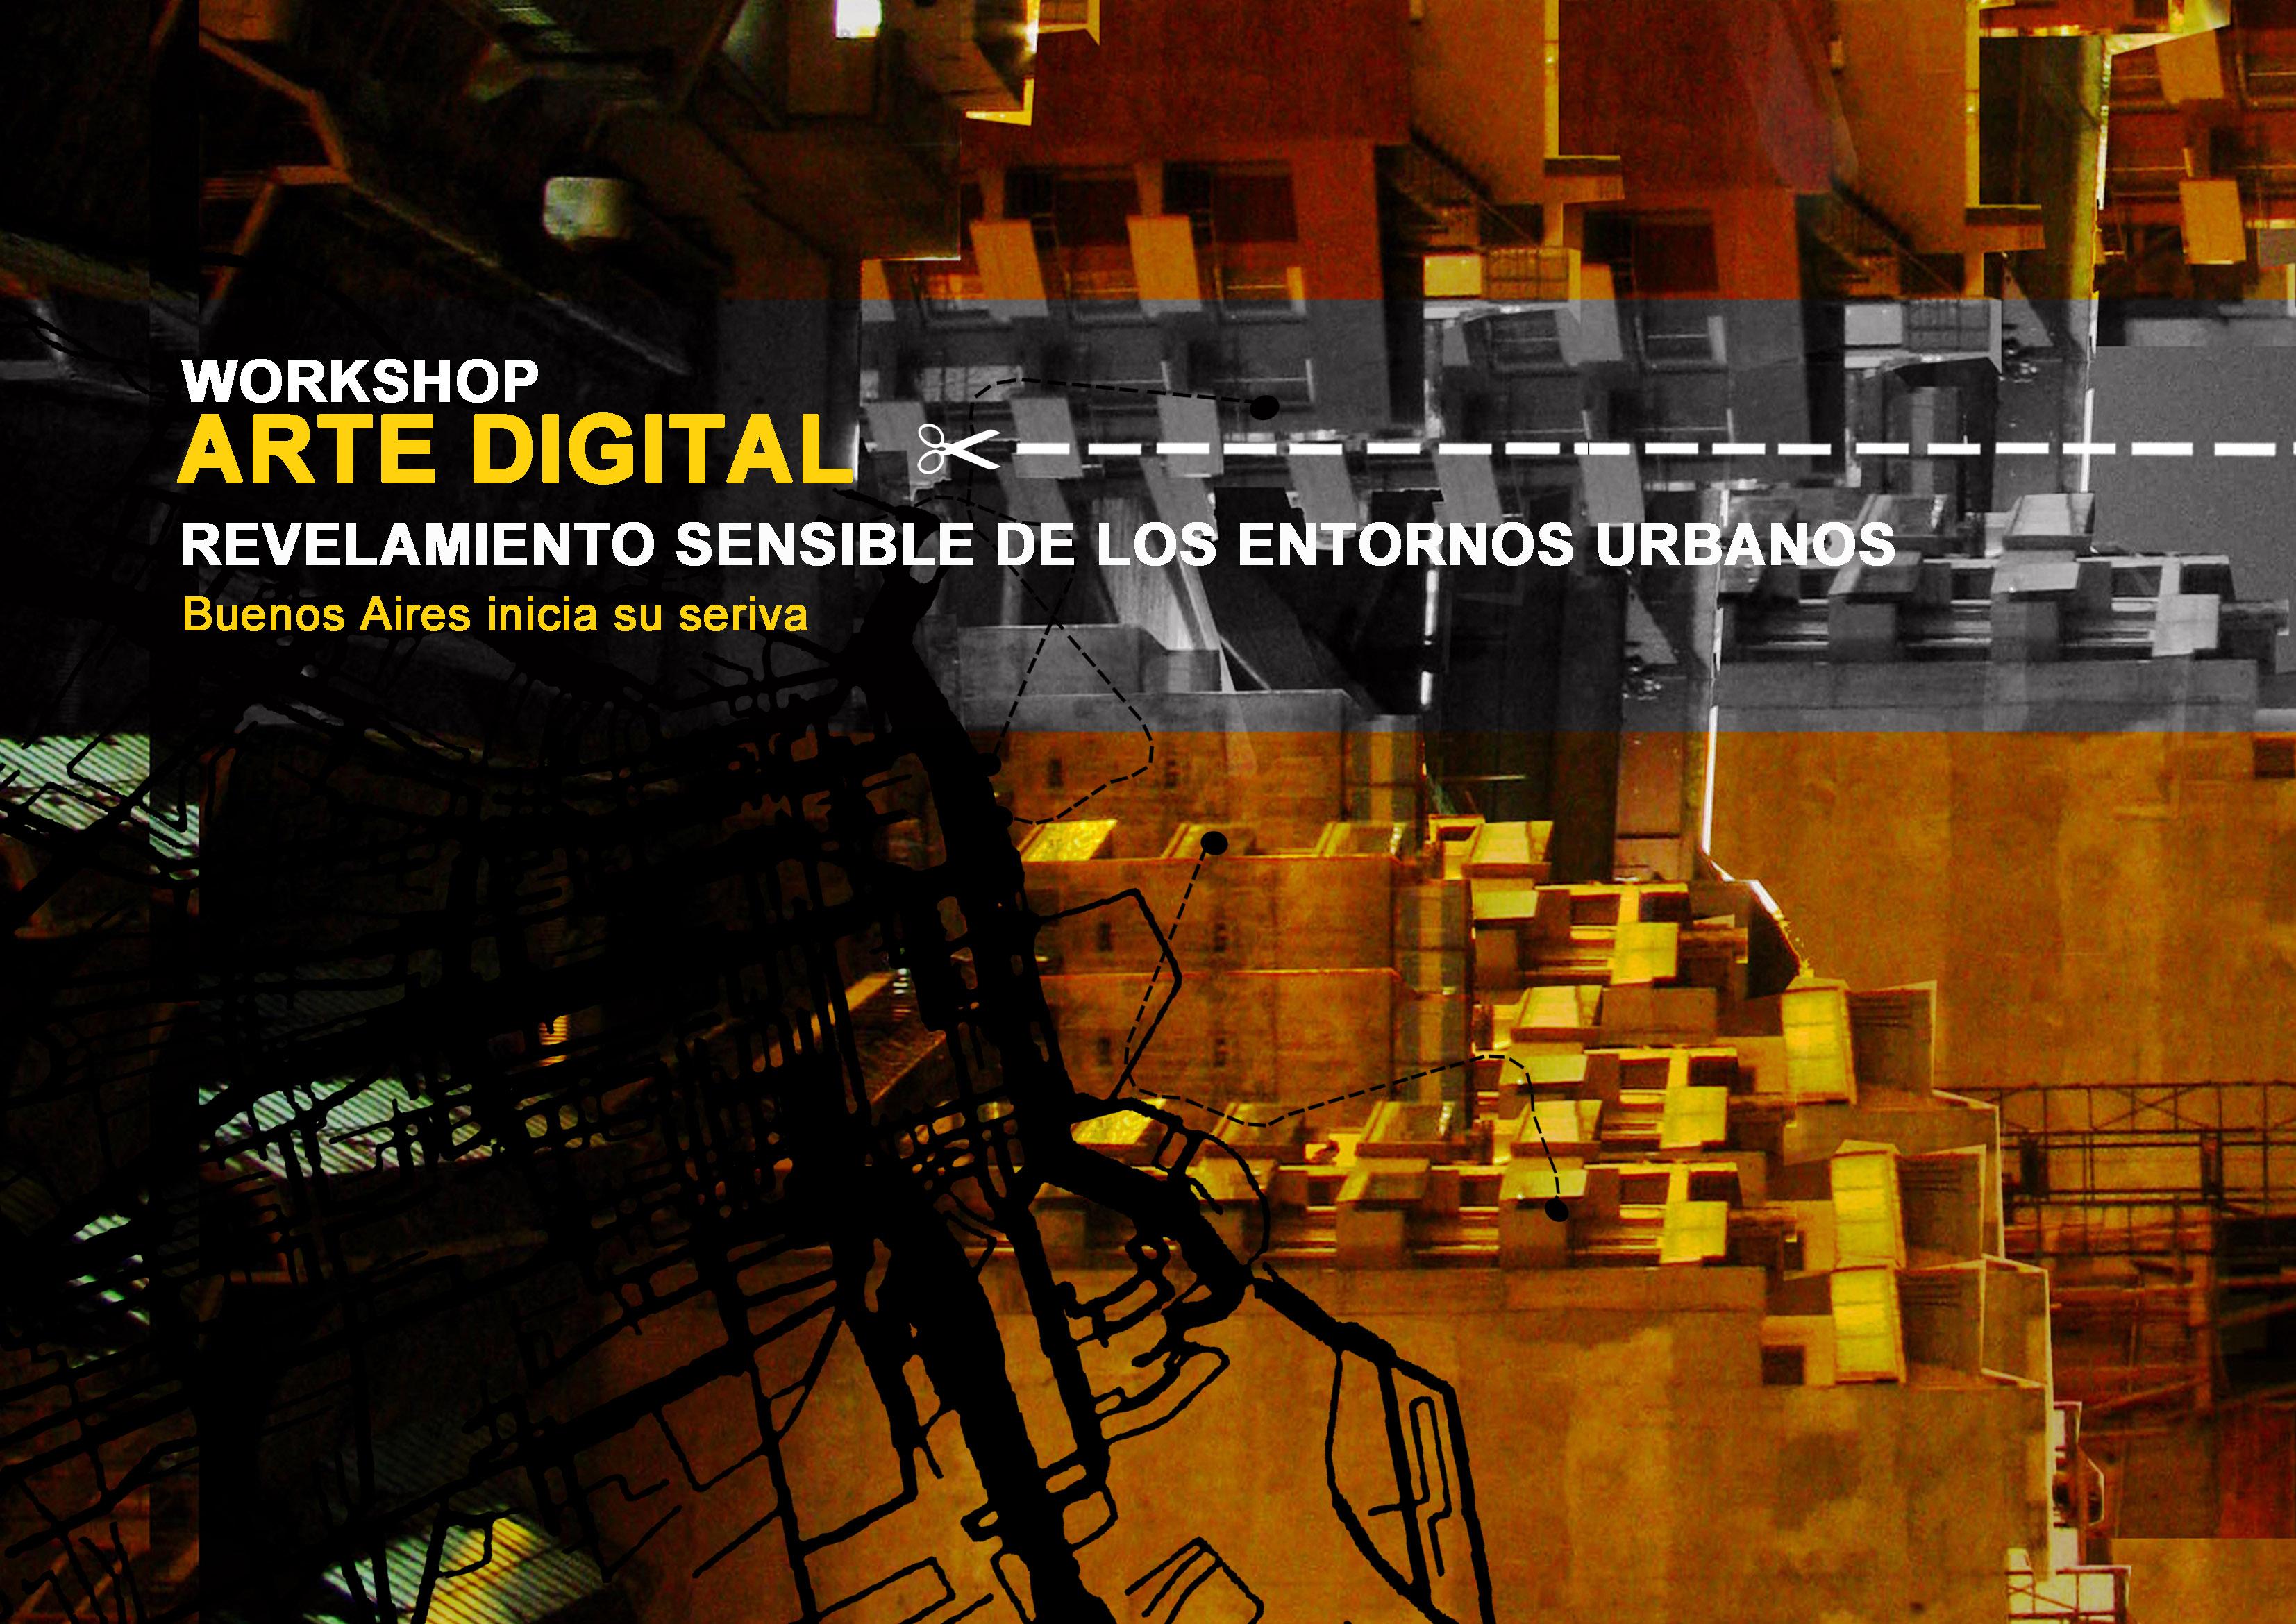 Workshop Arte Digital: Levantamento sensível dos entornos urbanos / Buenos Aires - Argentina, Workshop Arte Digital